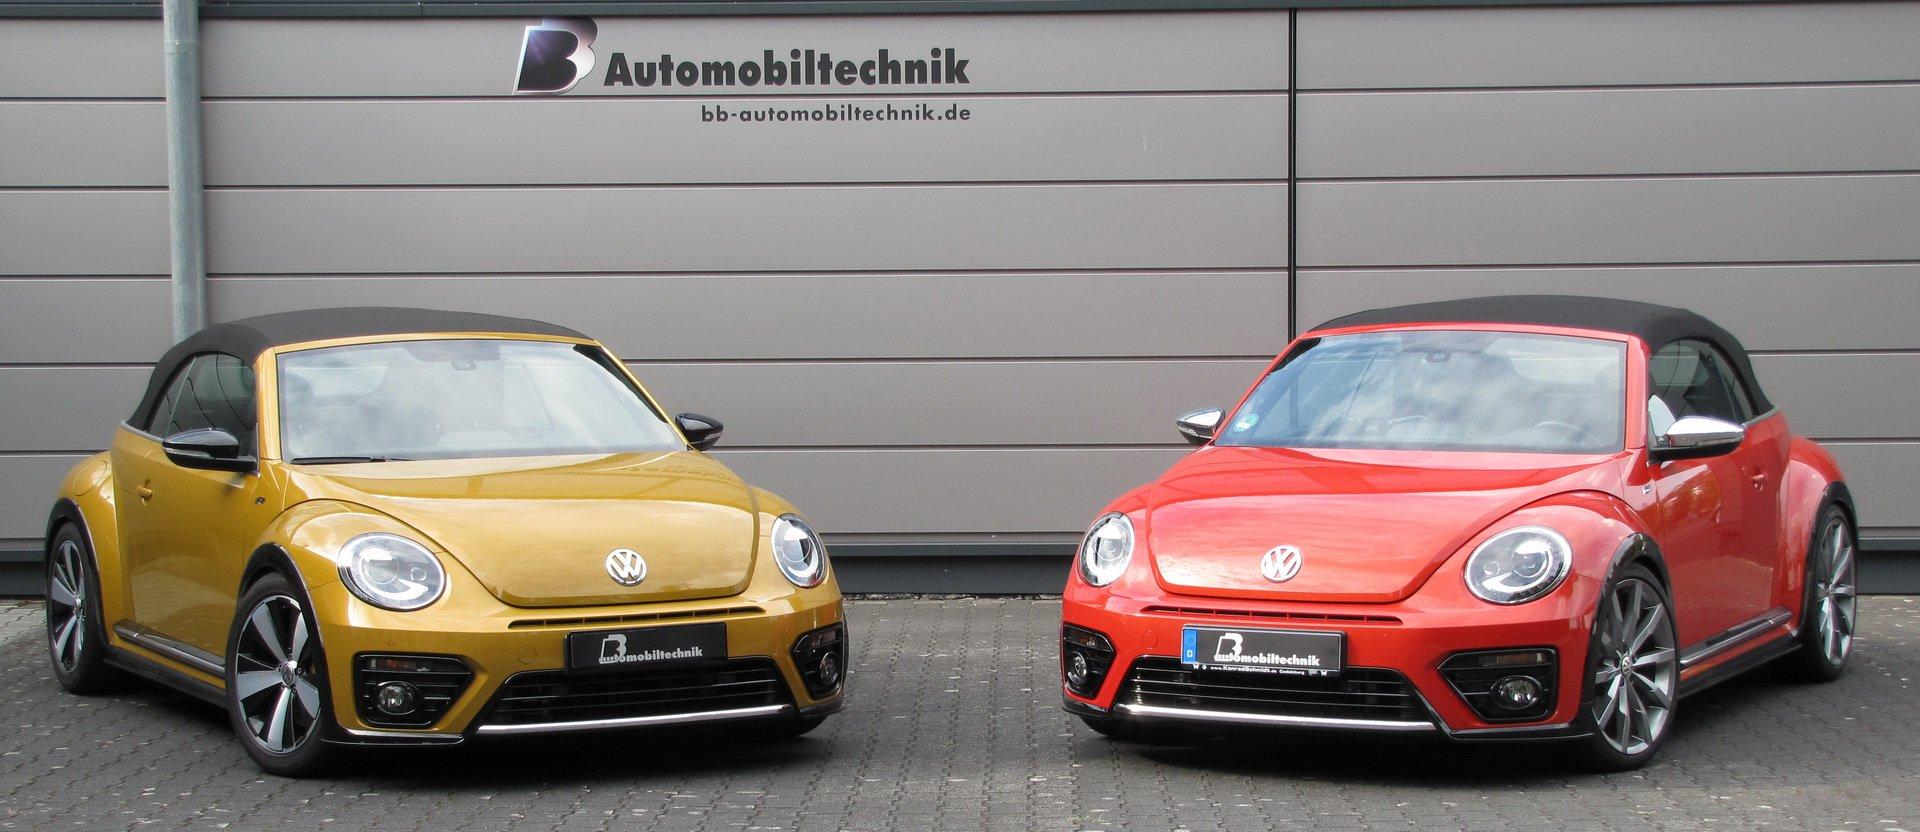 Volkswagen-Beetle-Convertibl-by-BB-AutomobilTechnik-1